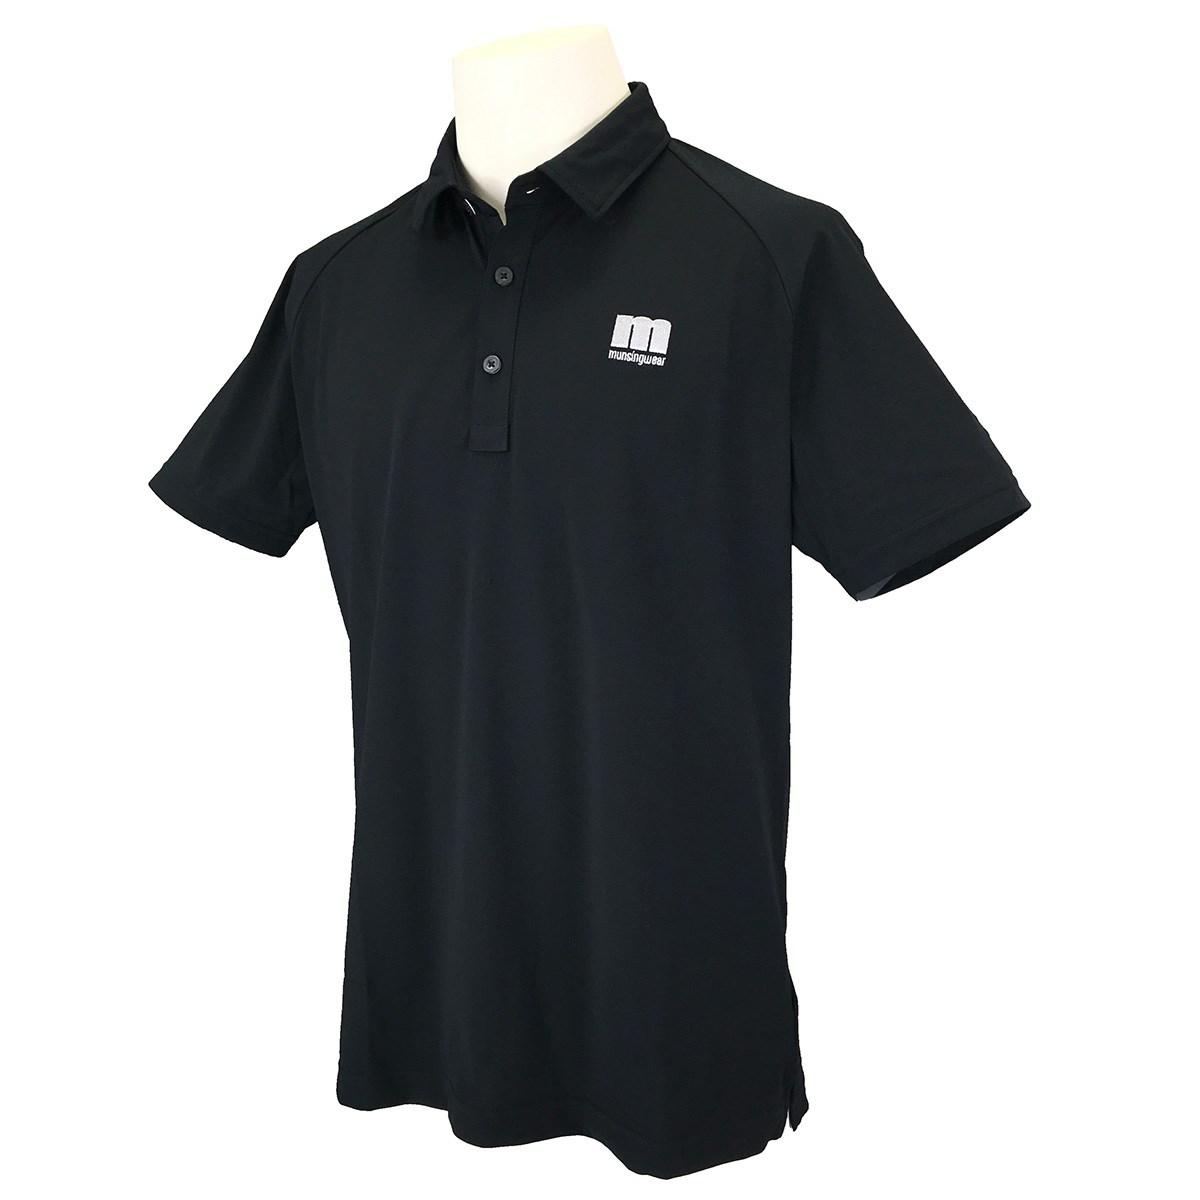 マンシングウェア ENVOY バックロゴENVOYカッティング ストレッチ 半袖ポロシャツ